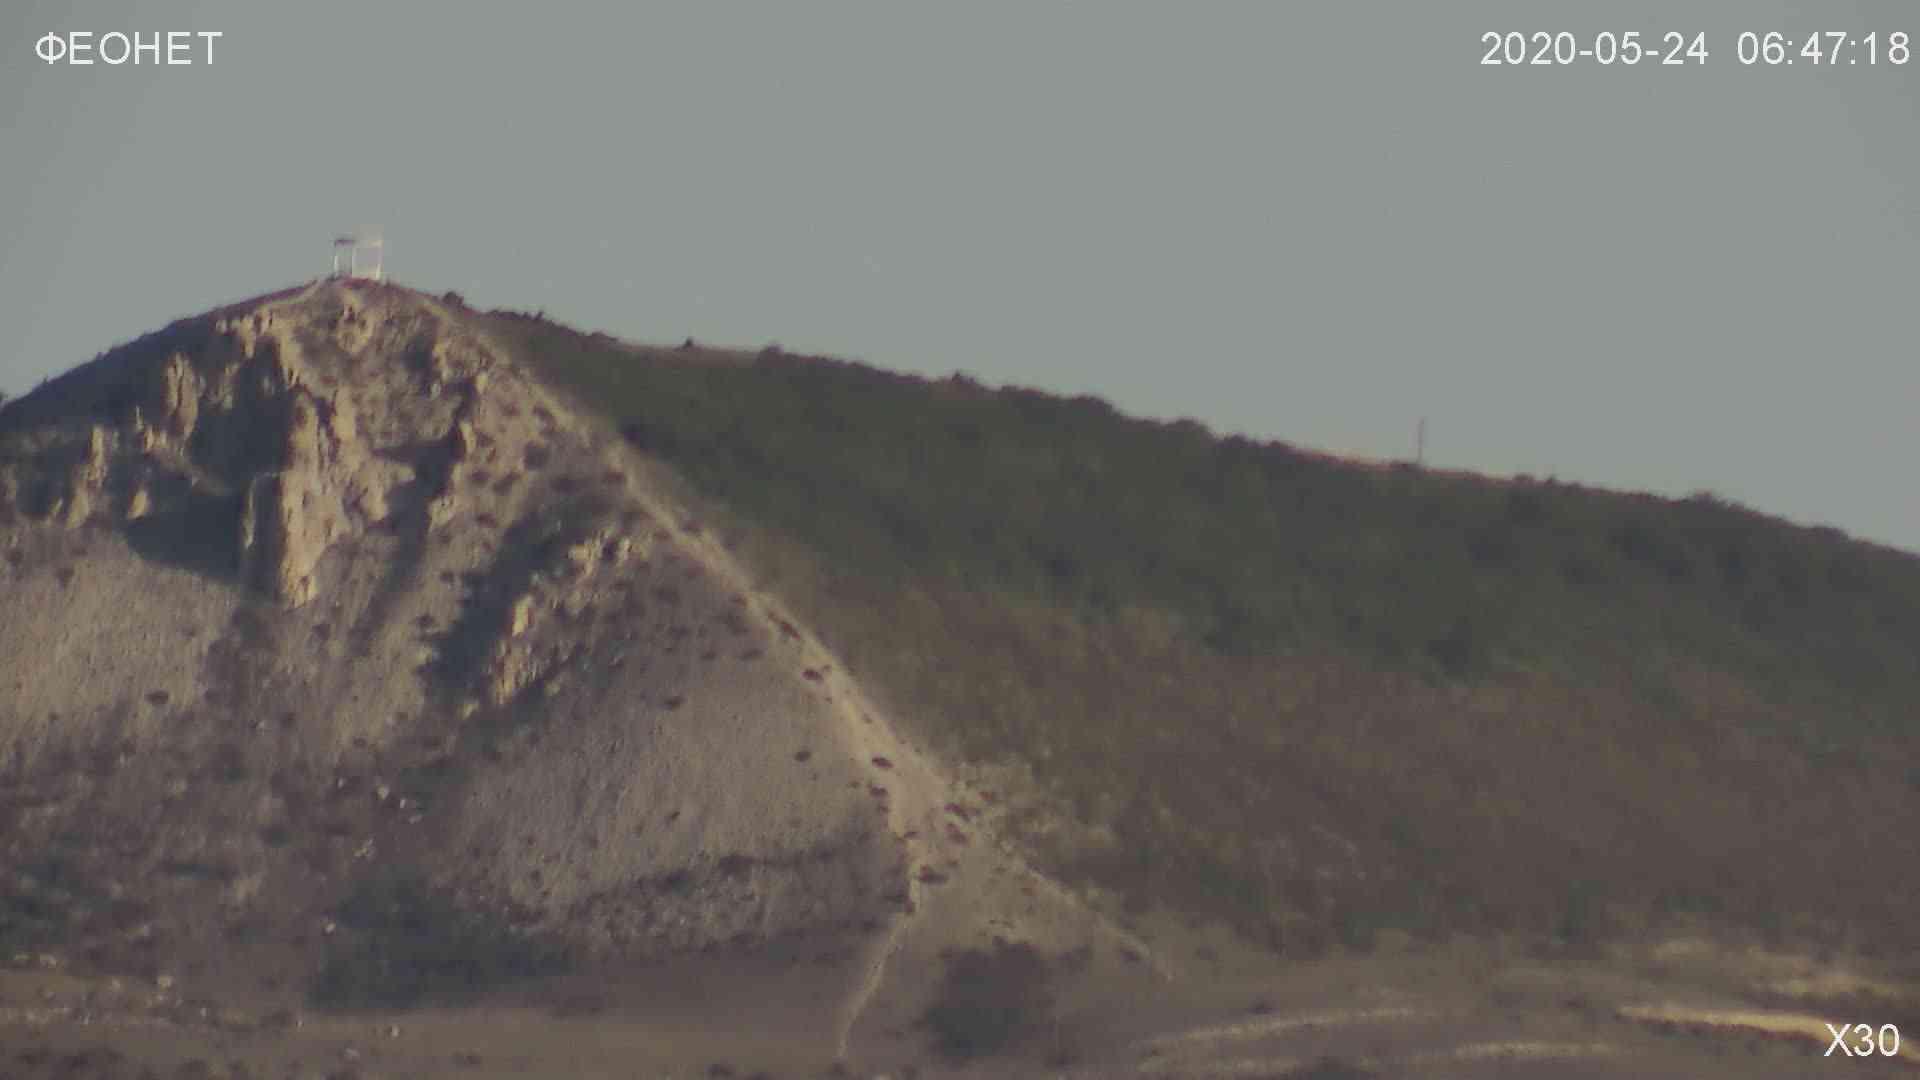 Веб-камеры Феодосии, Обзорная камера в Коктебеле, 2020-05-24 06:48:49